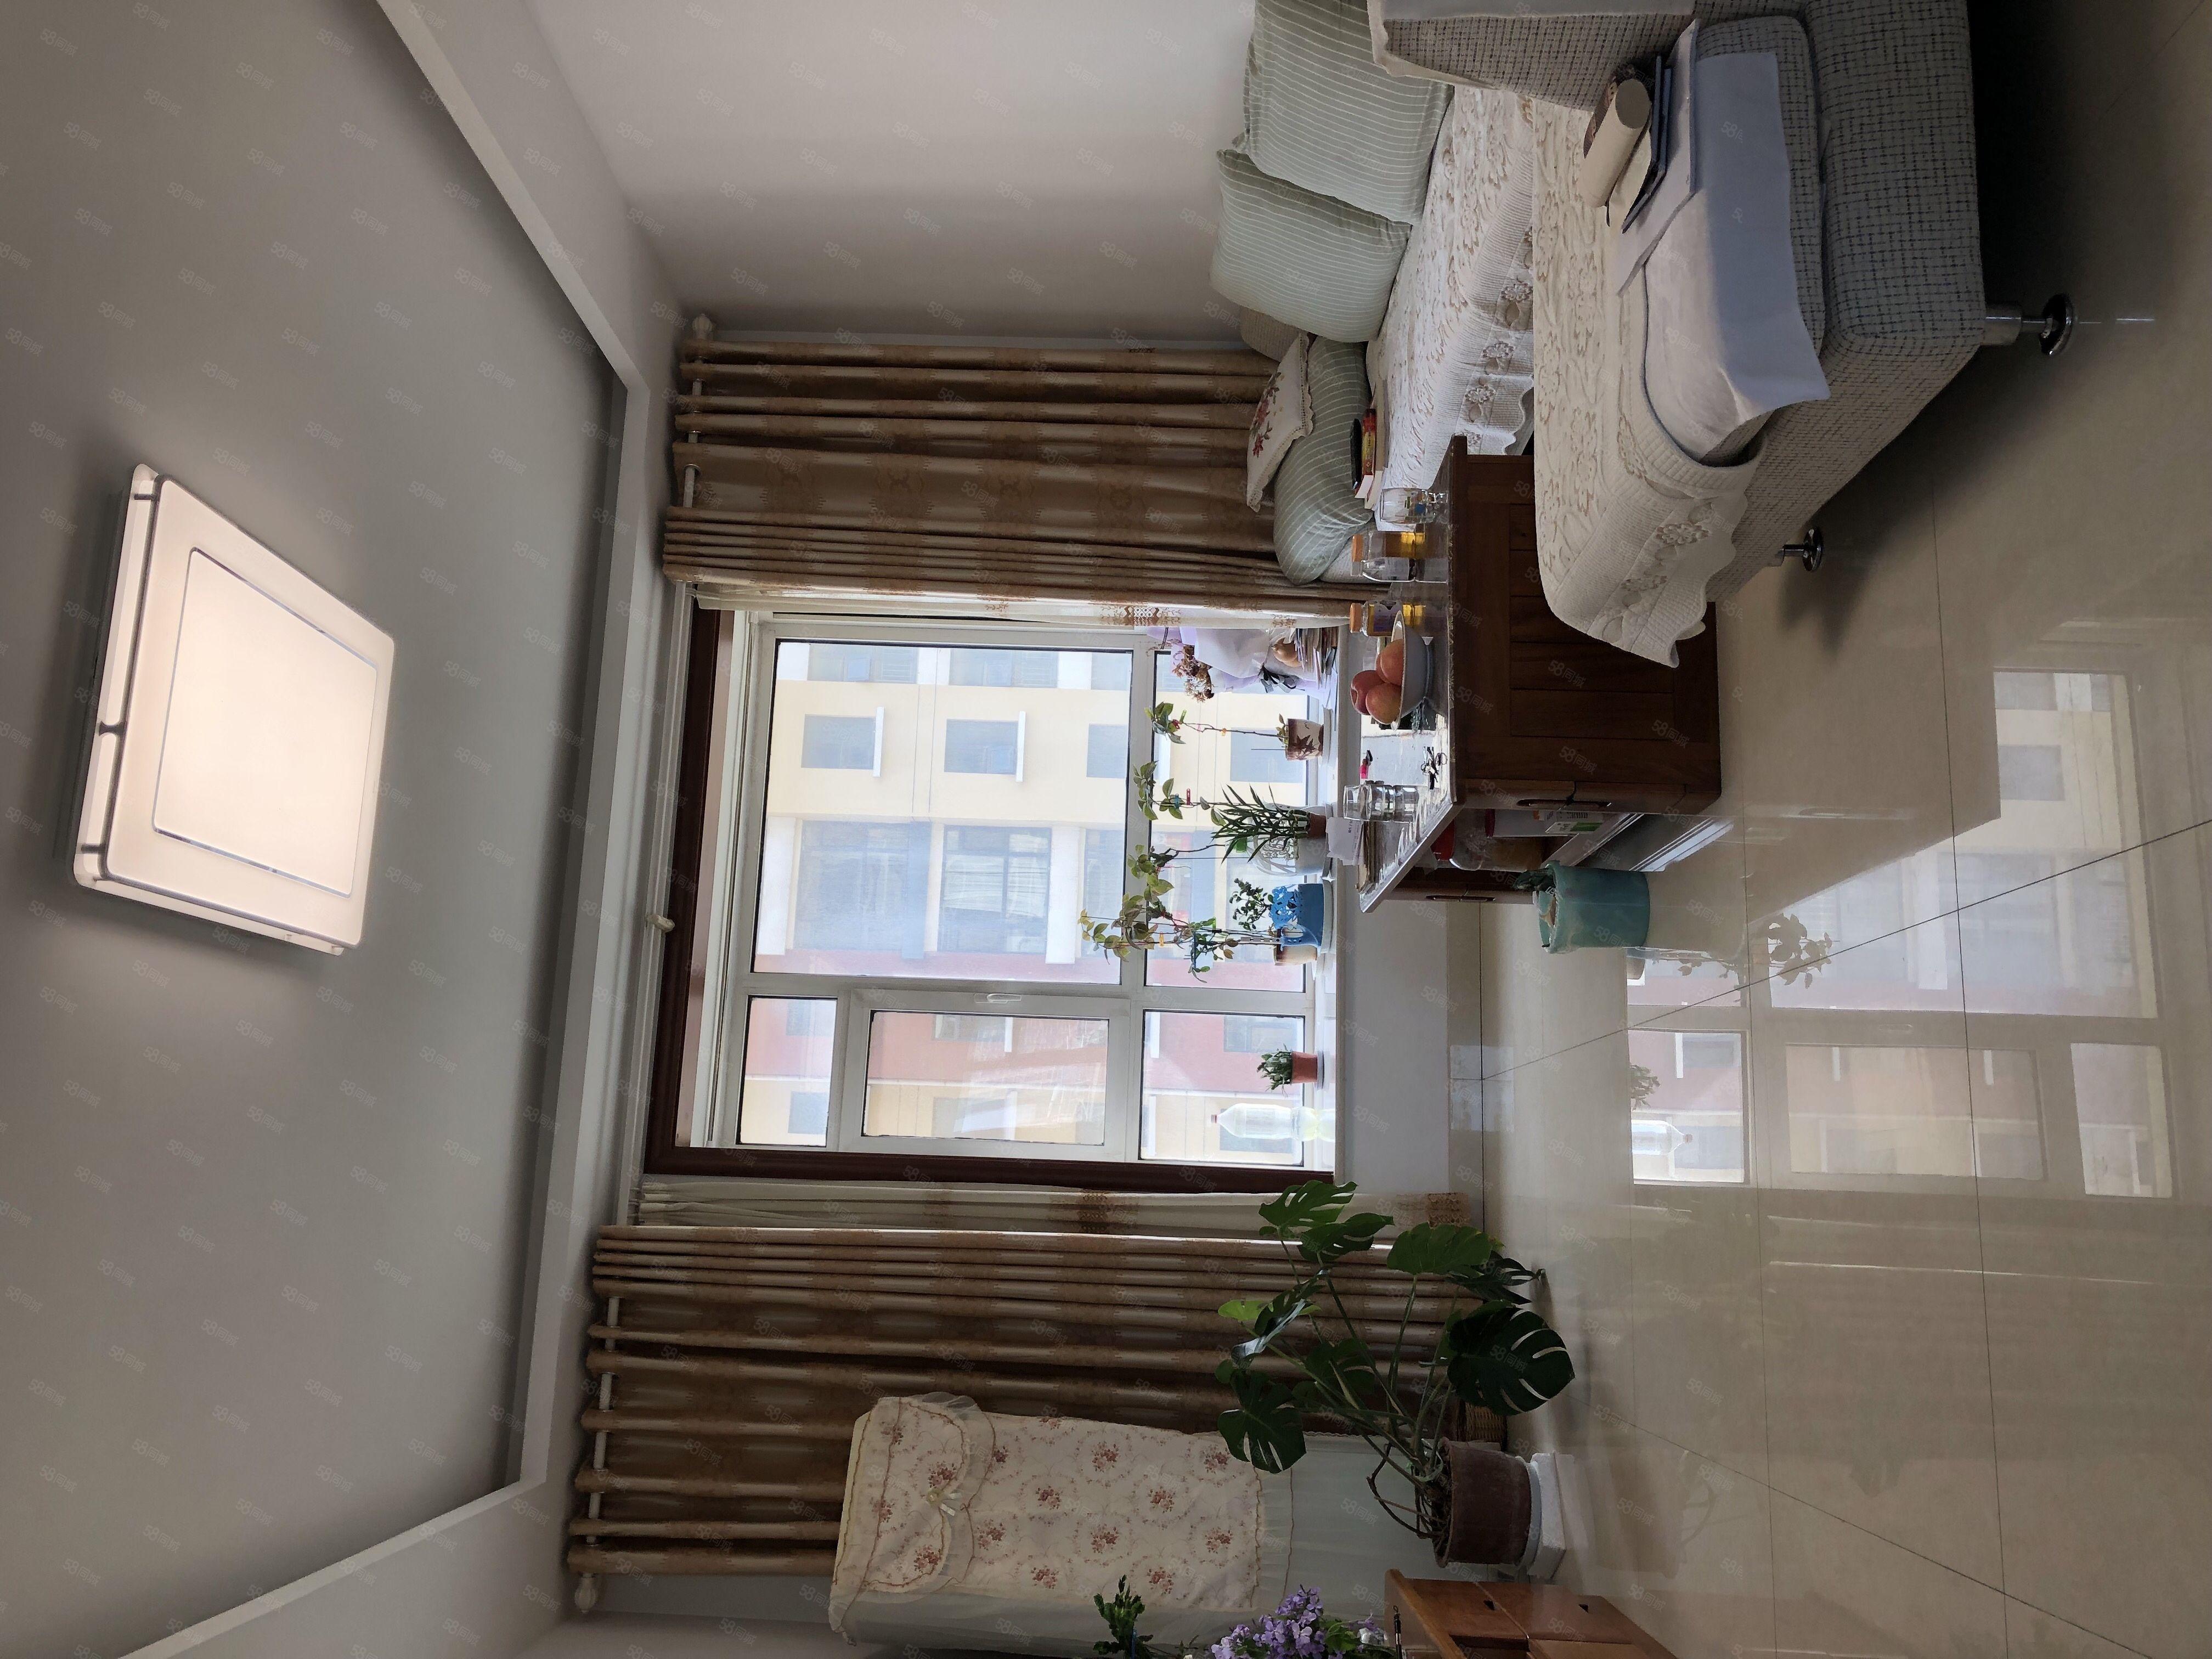 沂州花园精装拎包入住二室朝阳客厅朝阳